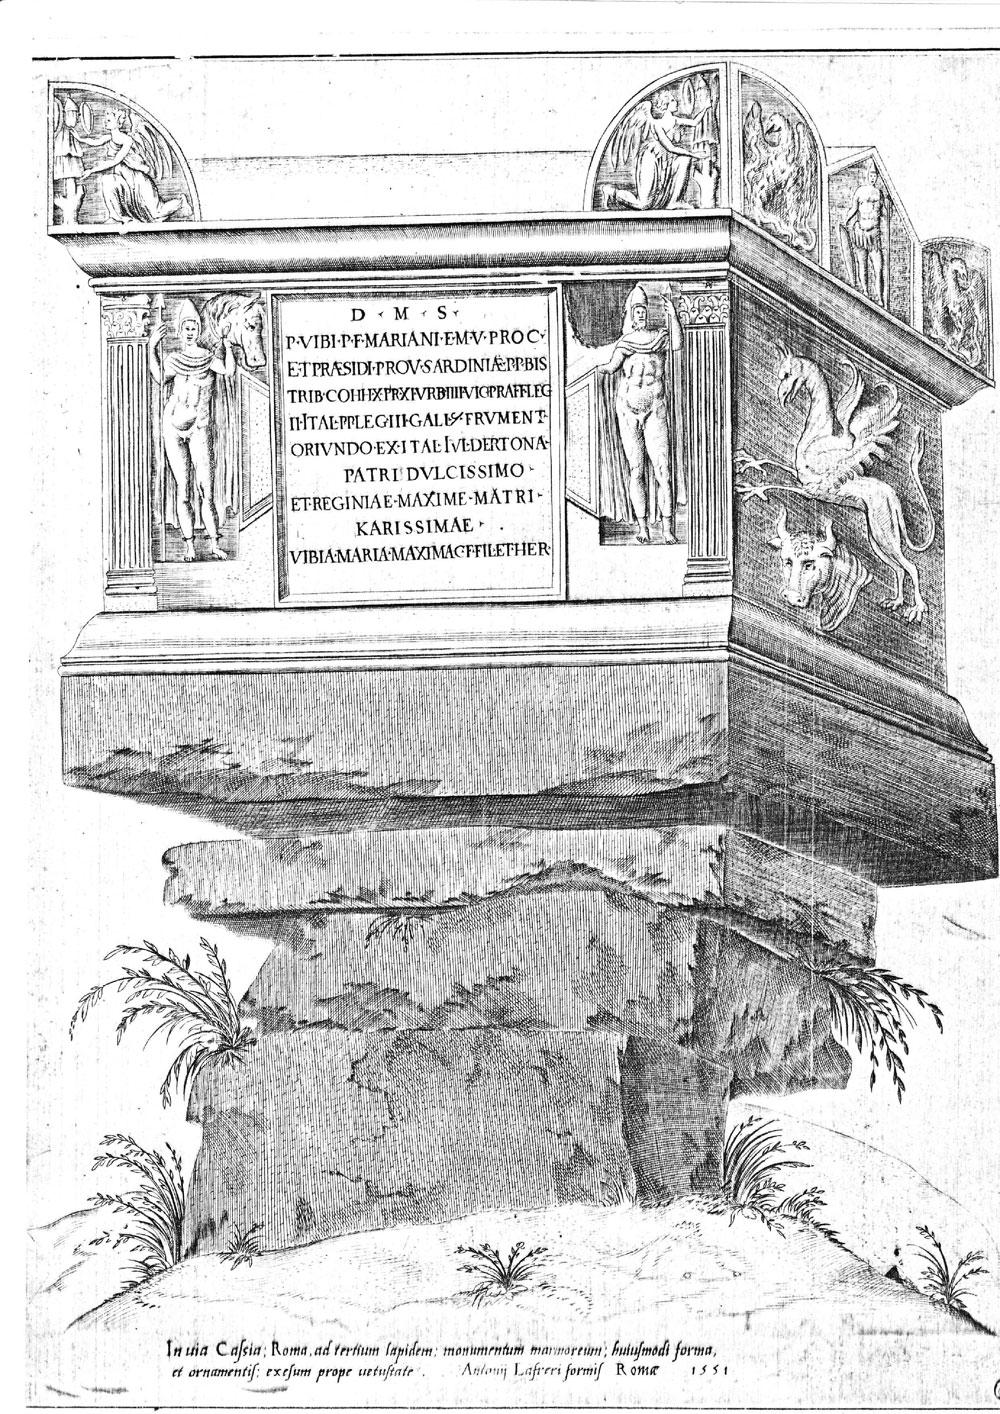 """Roma ad terzium lapidem: monumentum marmoreum"""",incisione di A. Lafrery, 1551."""